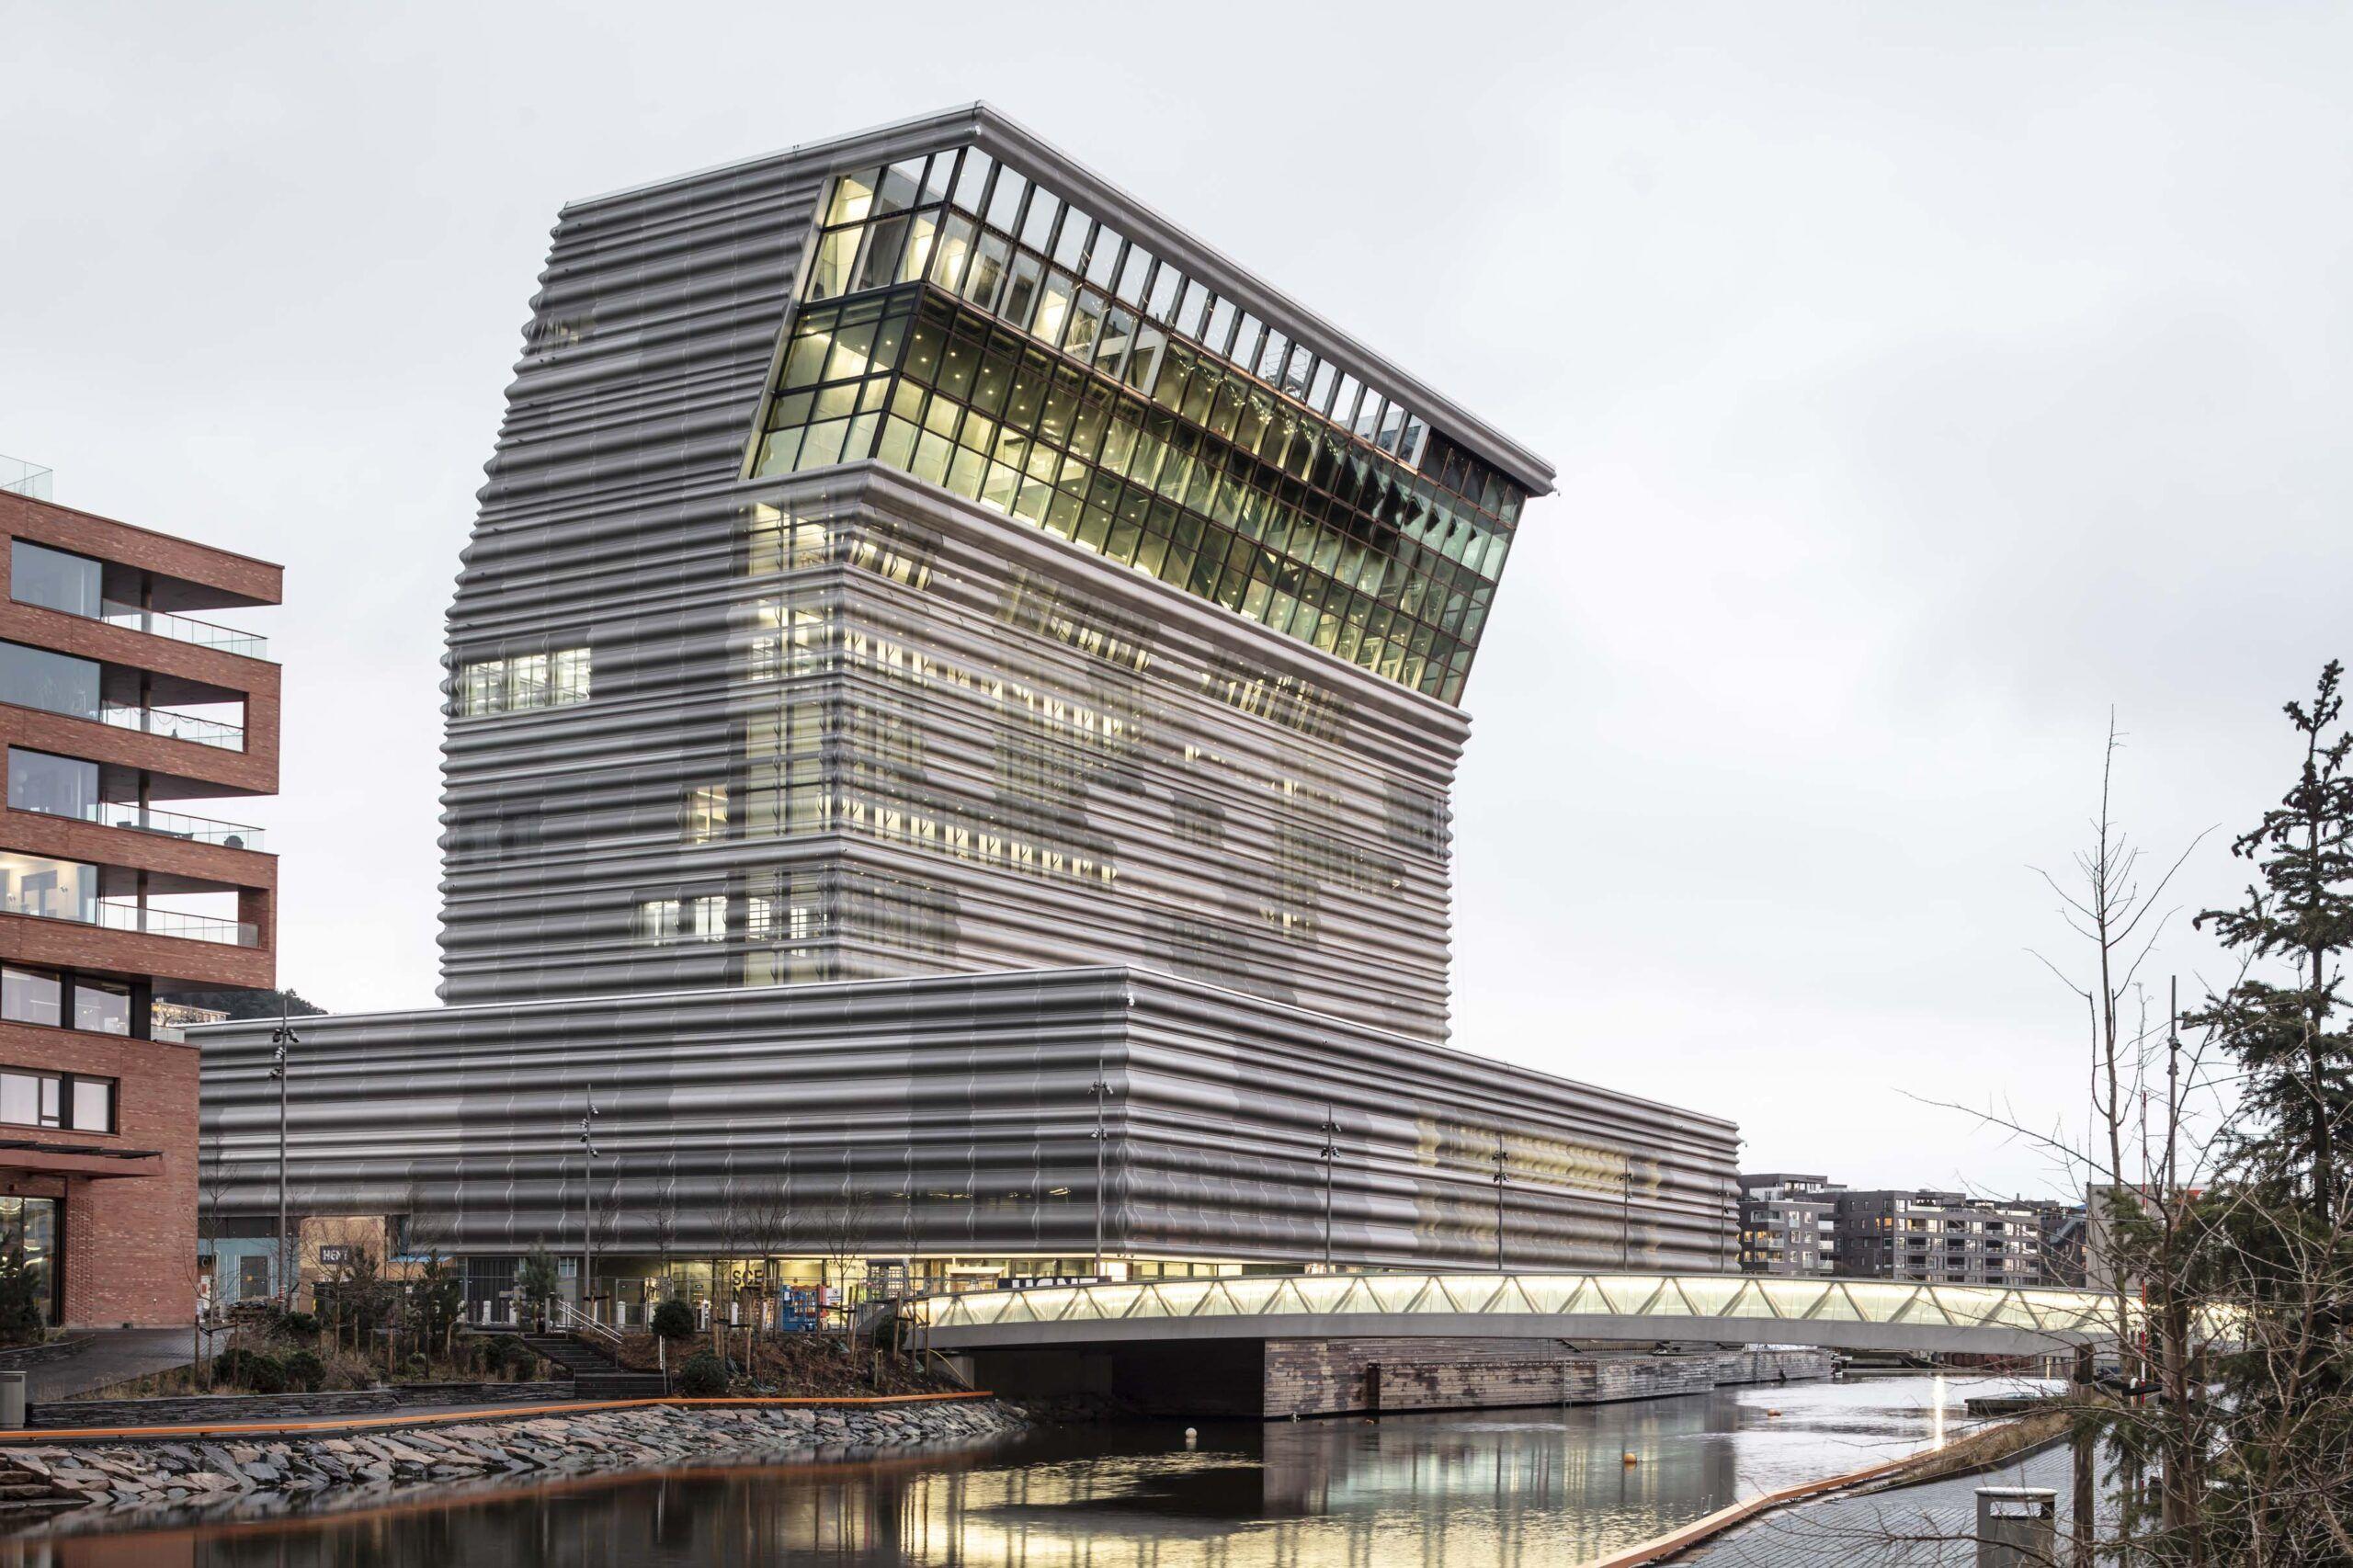 se-inaugurara-el-museo-munch-diseñado-por-estudio-herreros-en-noruega-2-alt